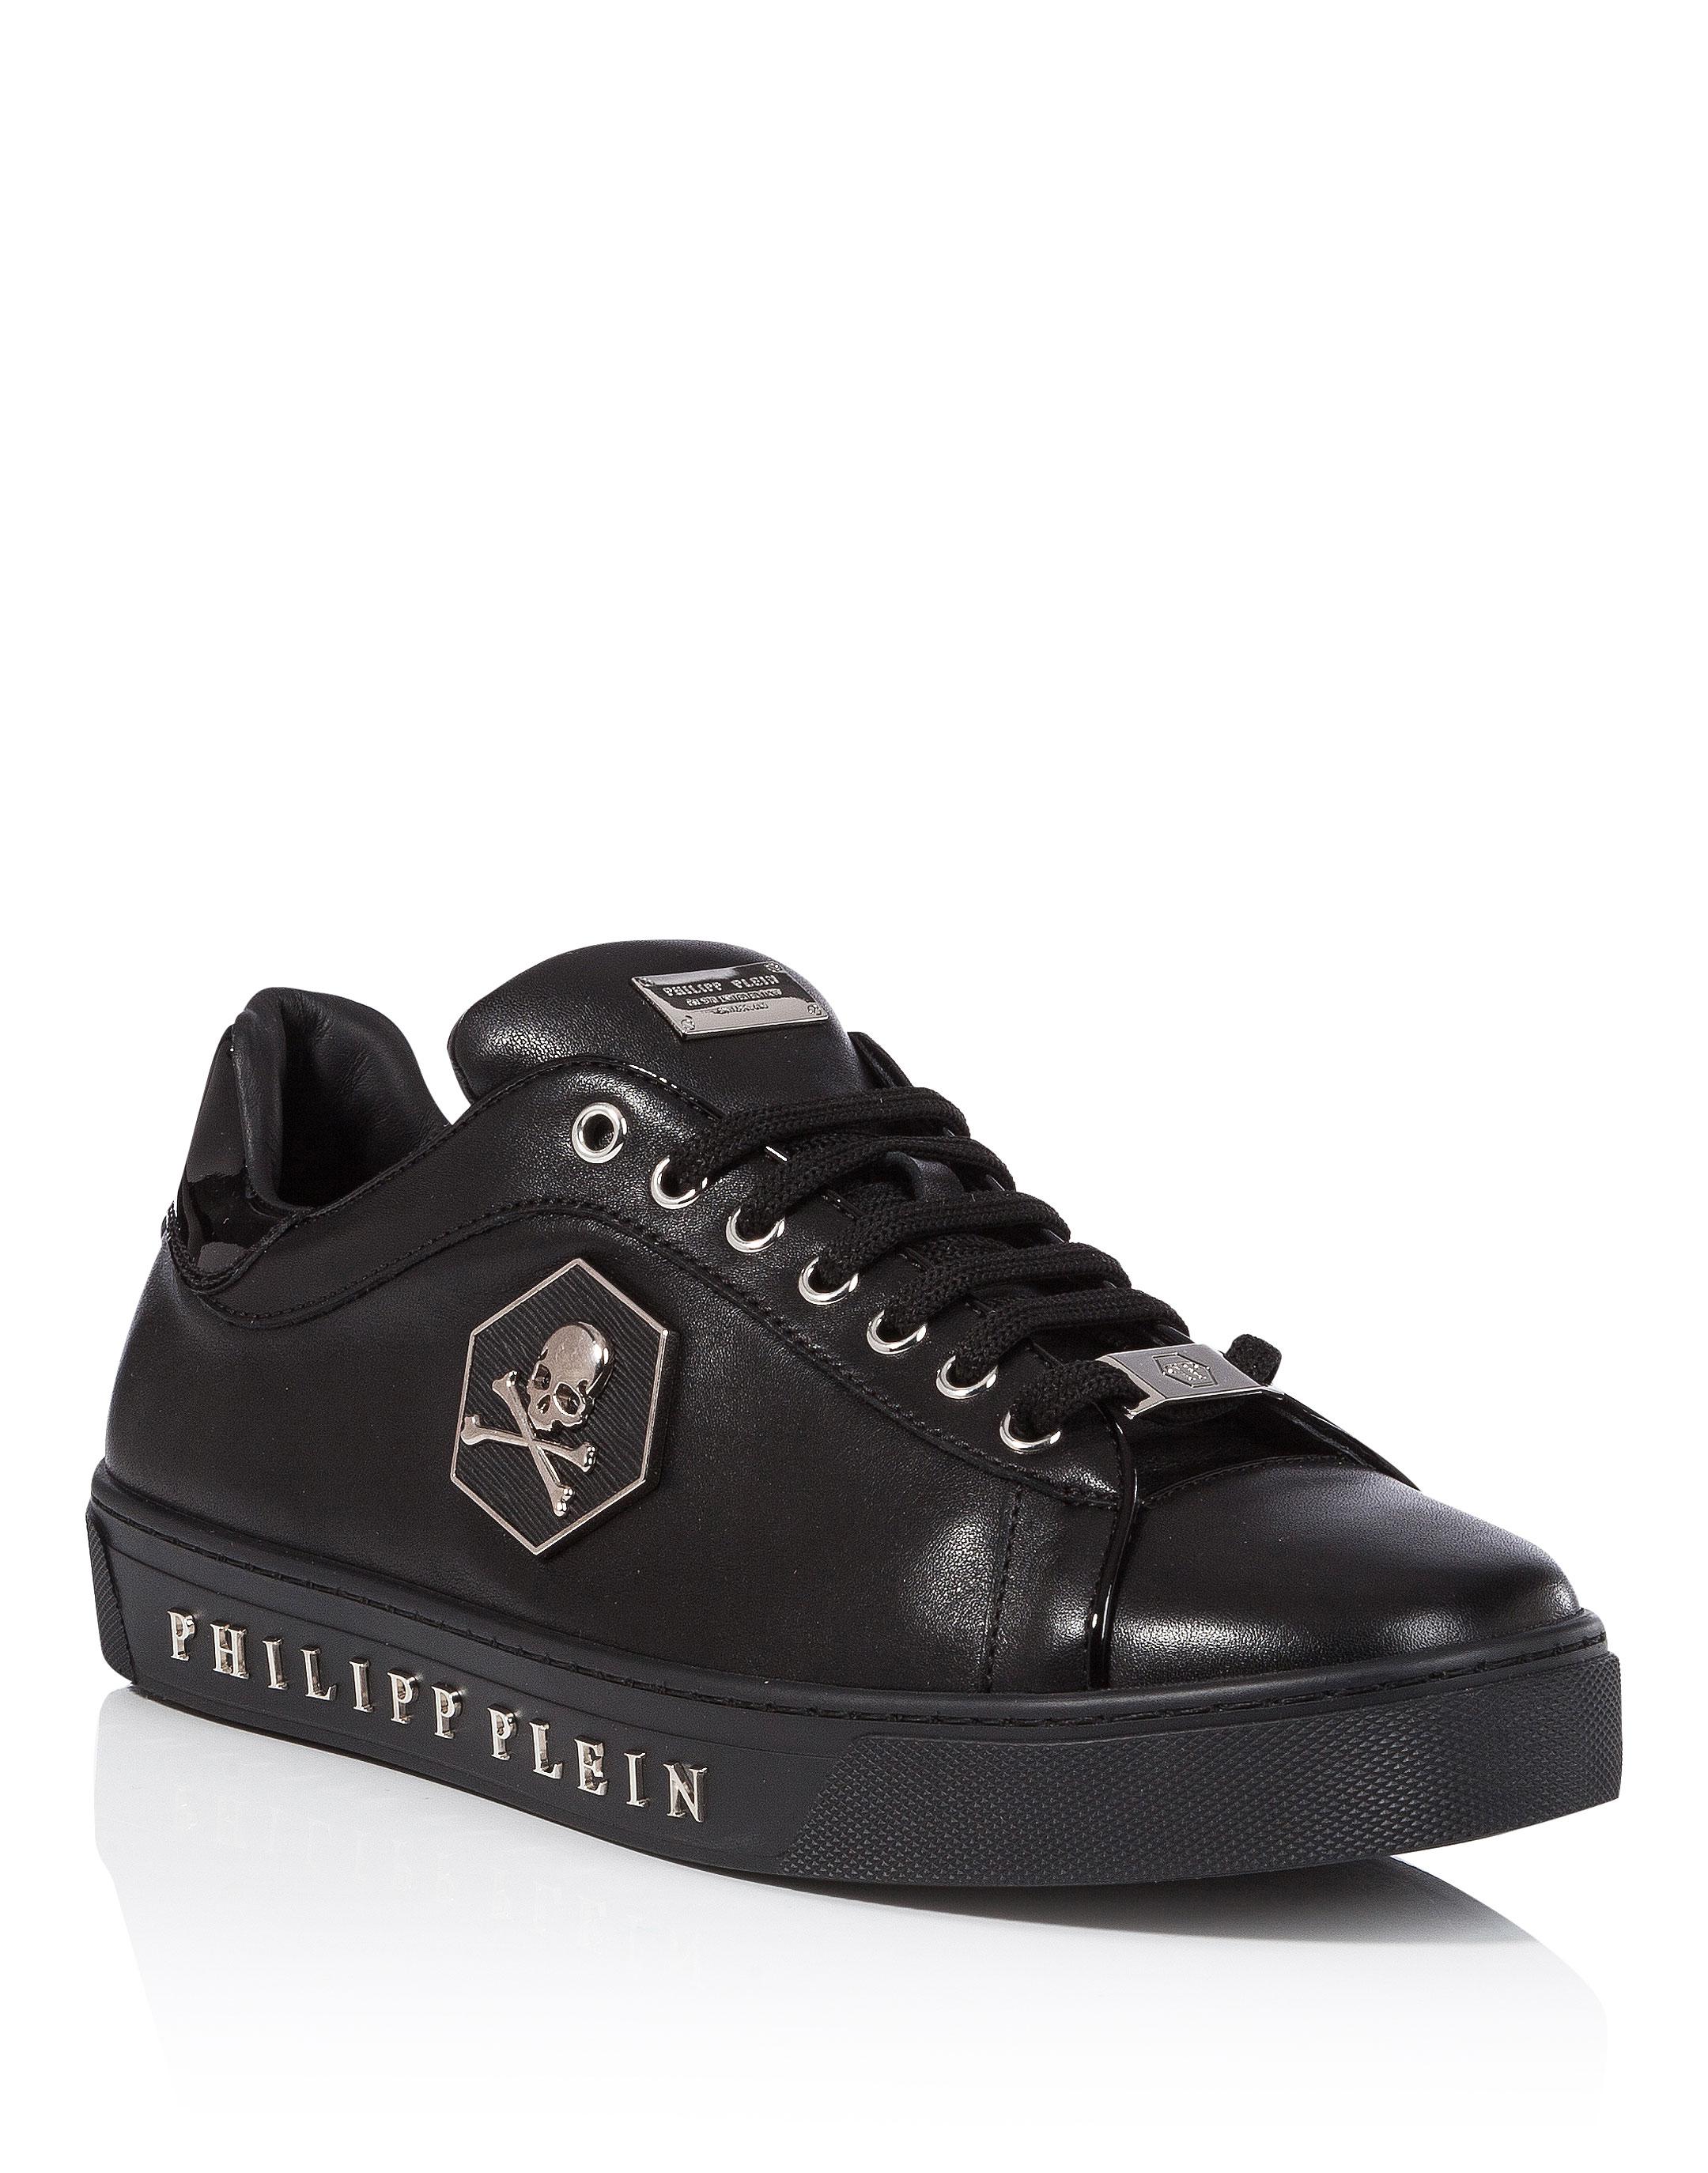 miglior servizio 2c704 dc1fc Lo-Top Sneakers